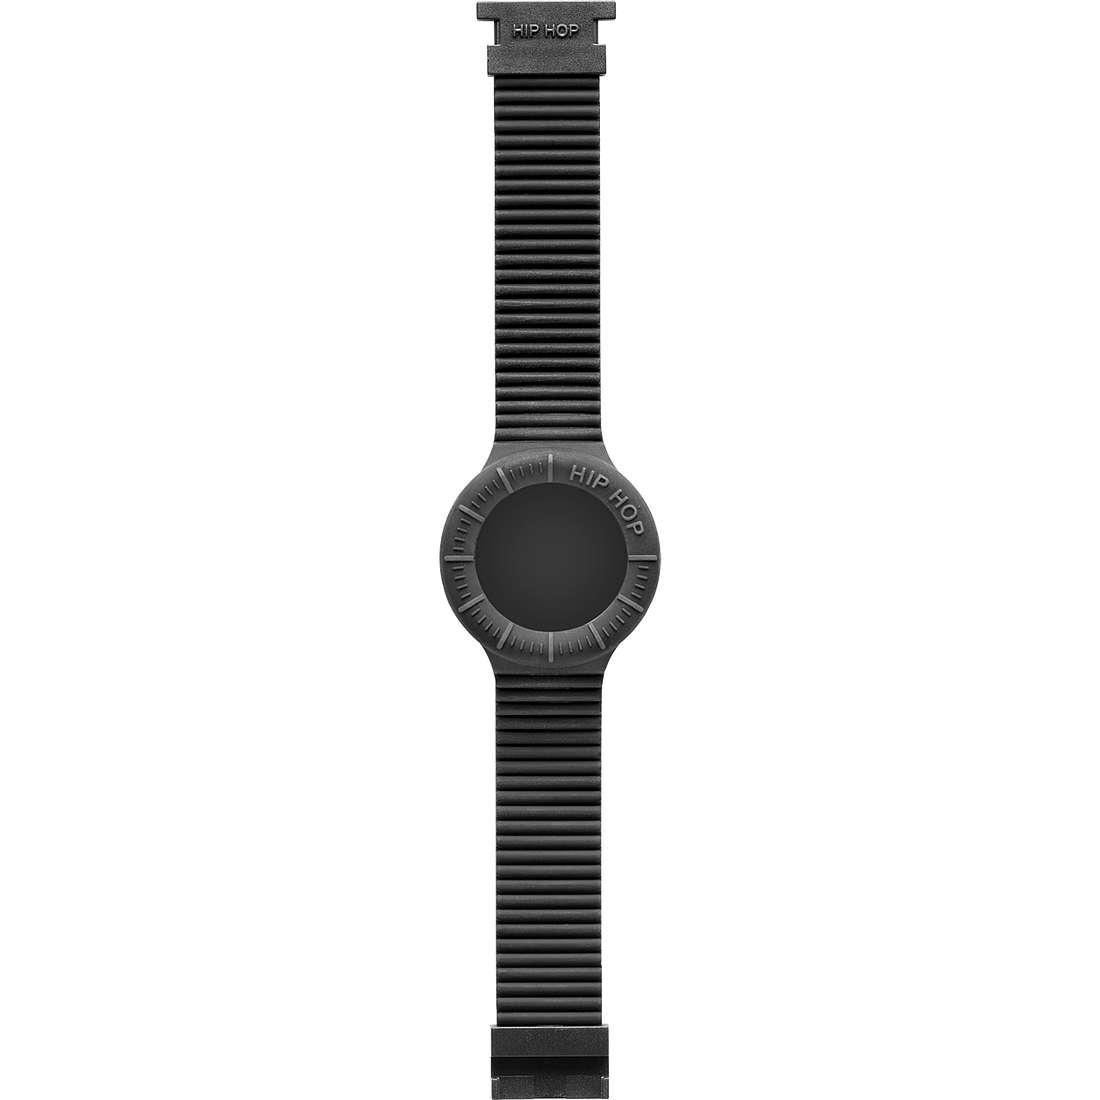 montre bracelet montre unisex Hip Hop Multifunzione HBU0177